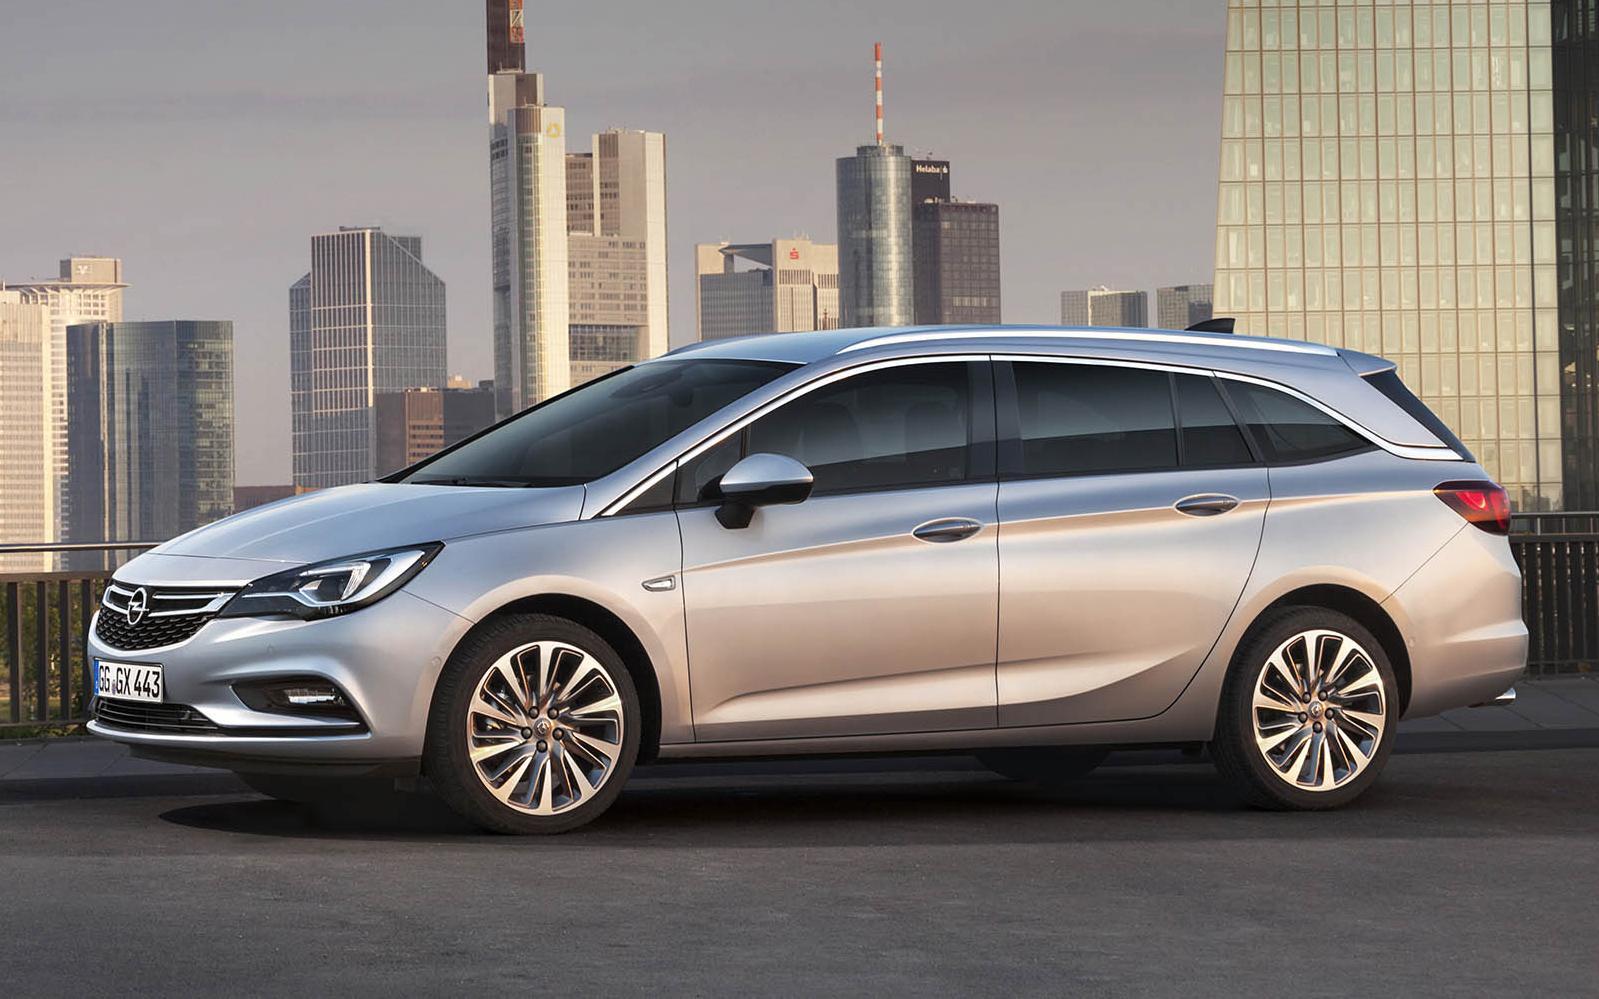 Opel Astra Sports Tourer Sjouwen Topgear